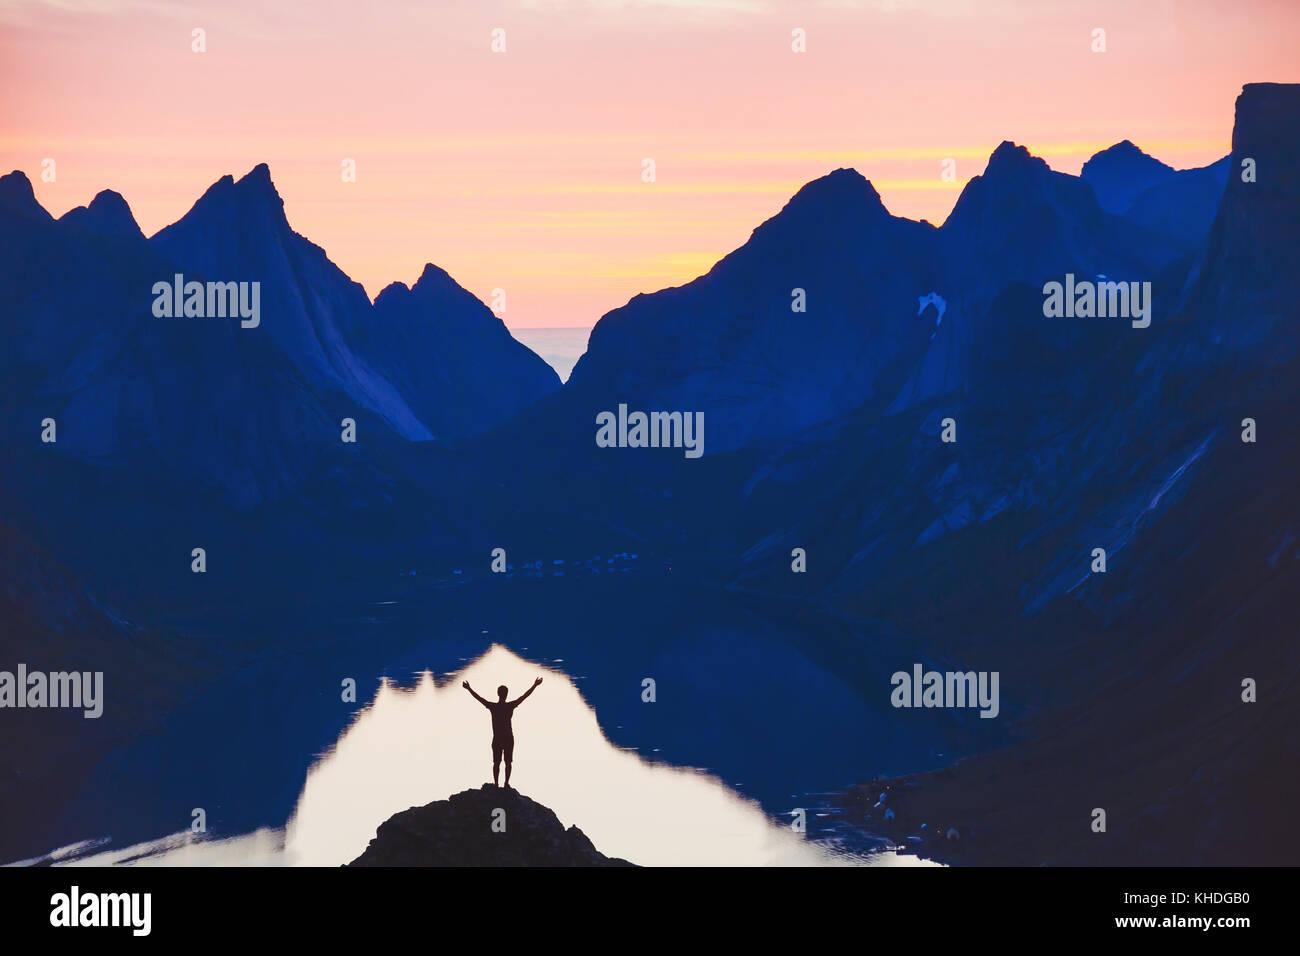 Les gens et la nature, la silhouette de la personne avec les mains posées sur le magnifique paysage de montagne Photo Stock